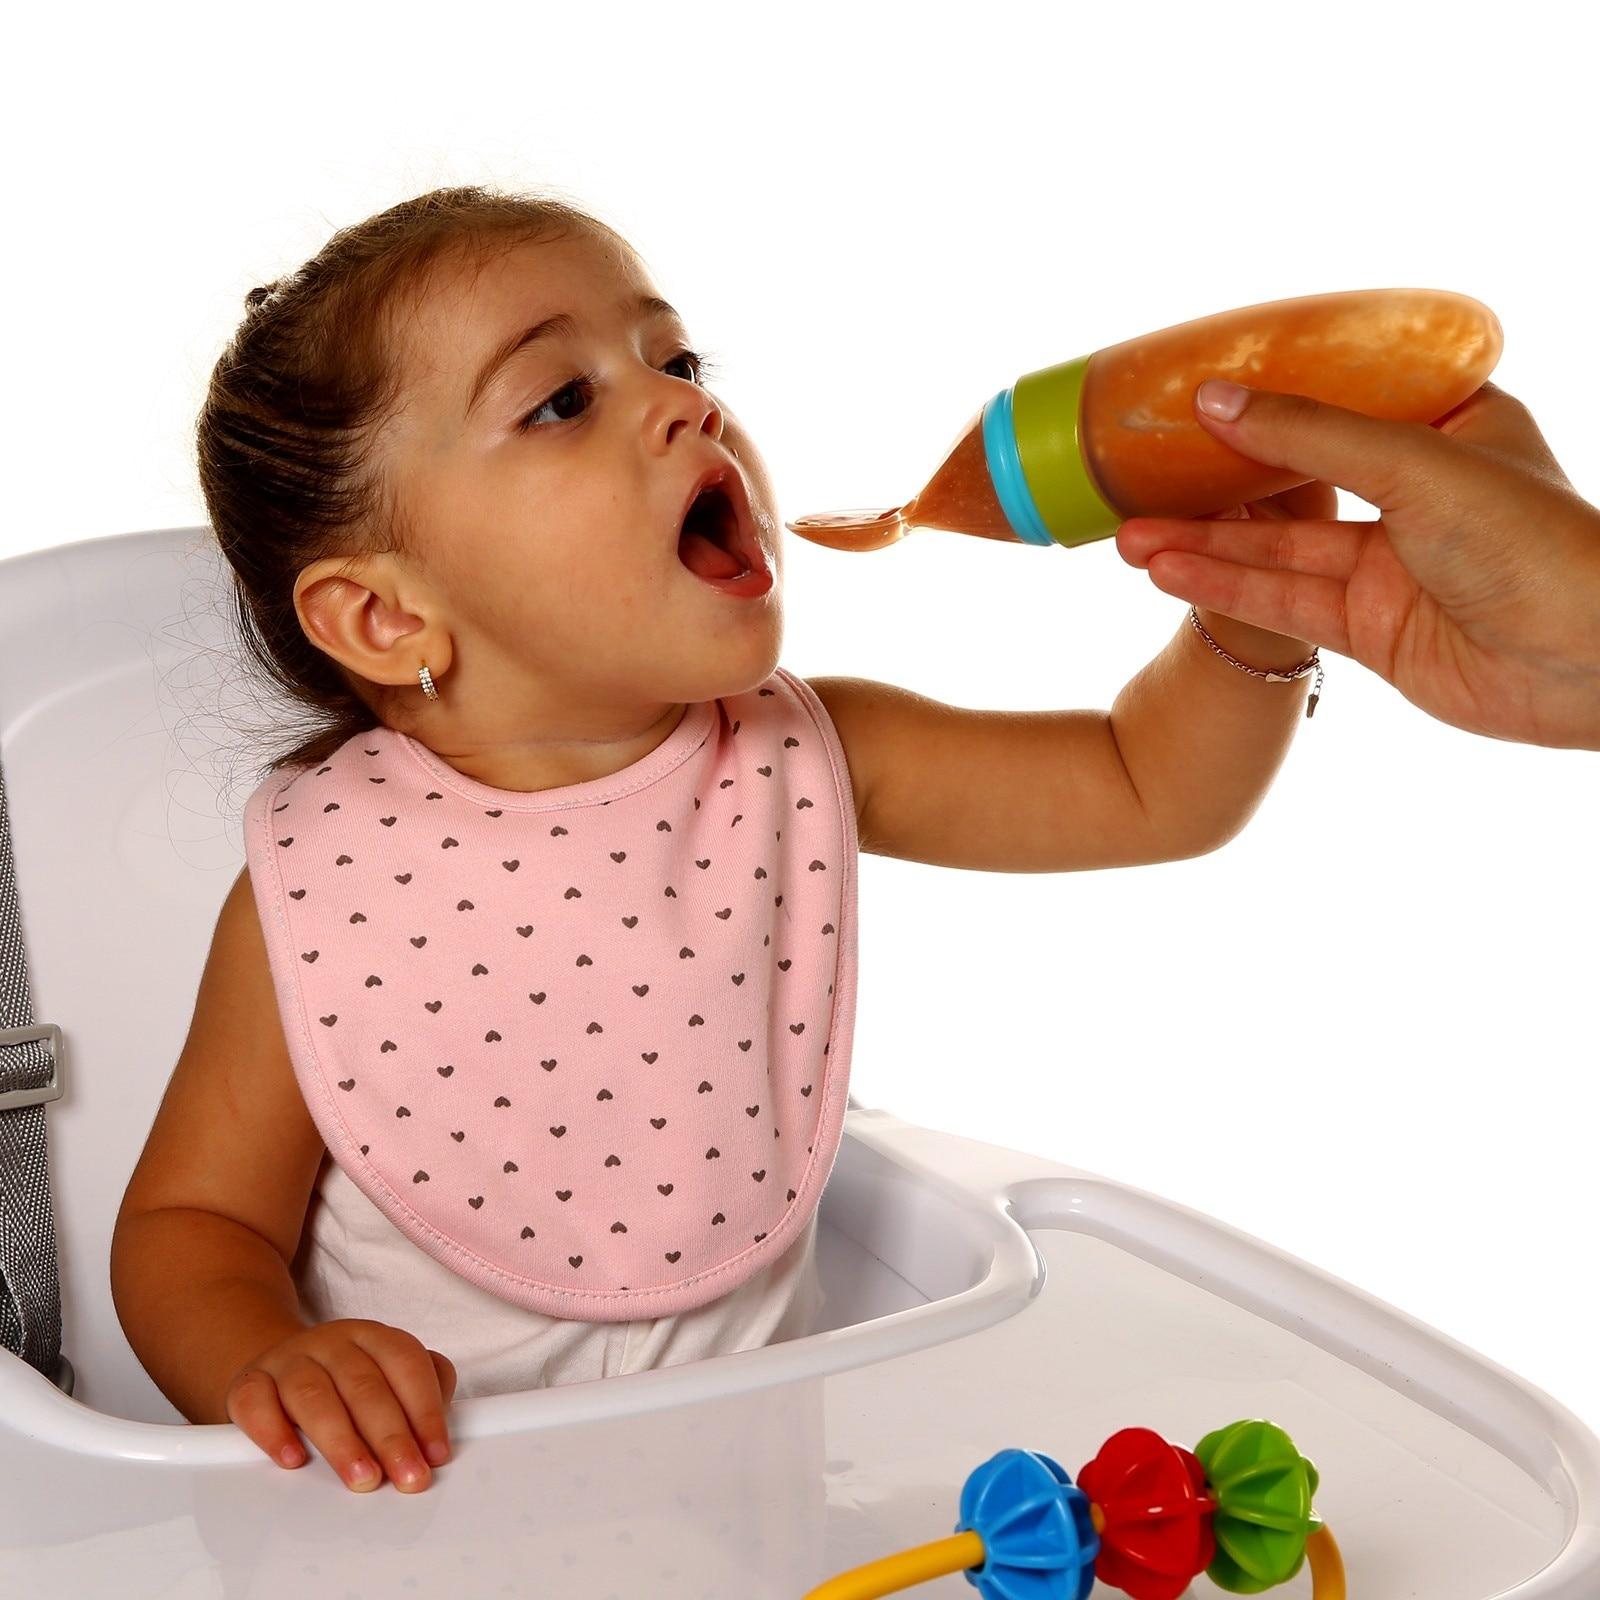 Ebebek Baby&plus Silicon Squeezing Spoon